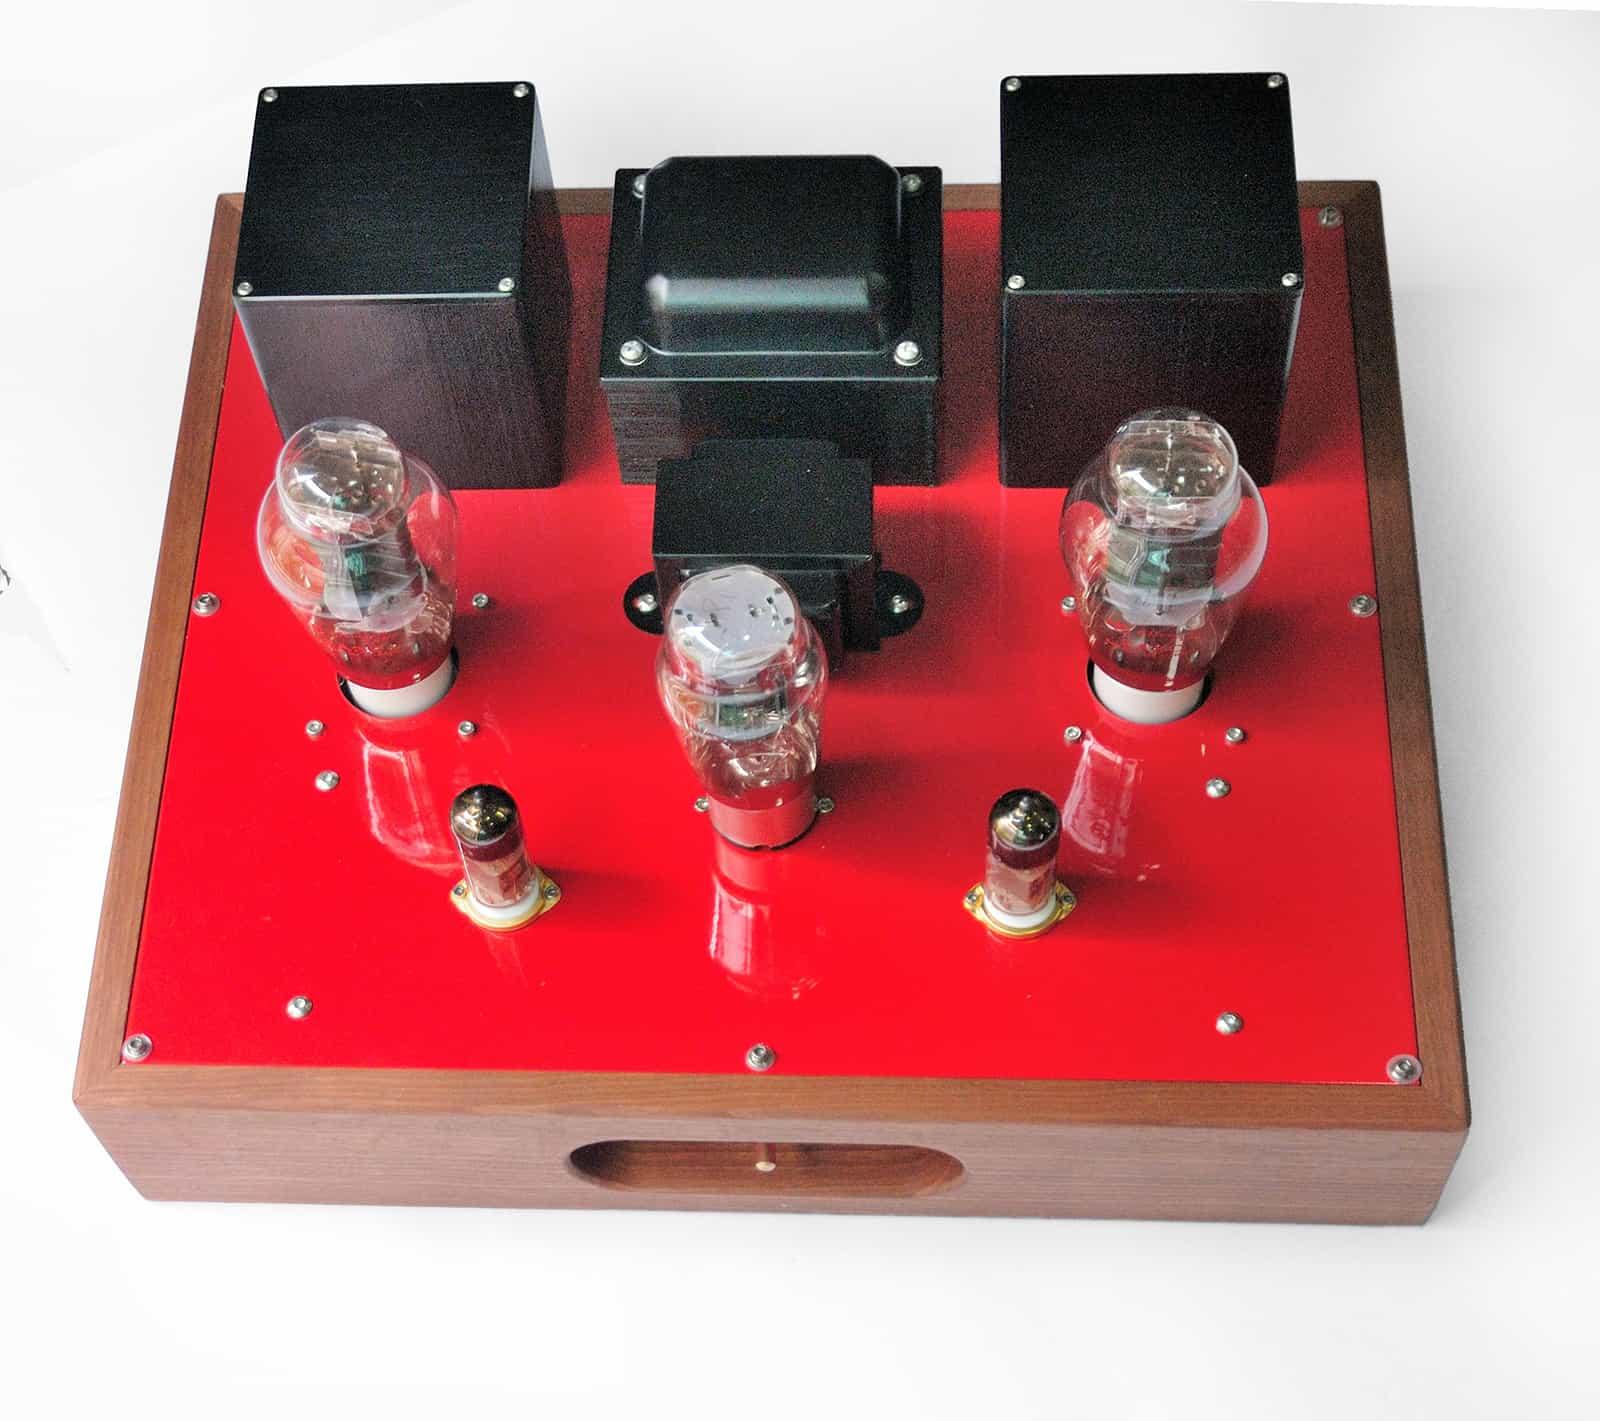 2A3 SE Amplifier - Audiophile Diyer